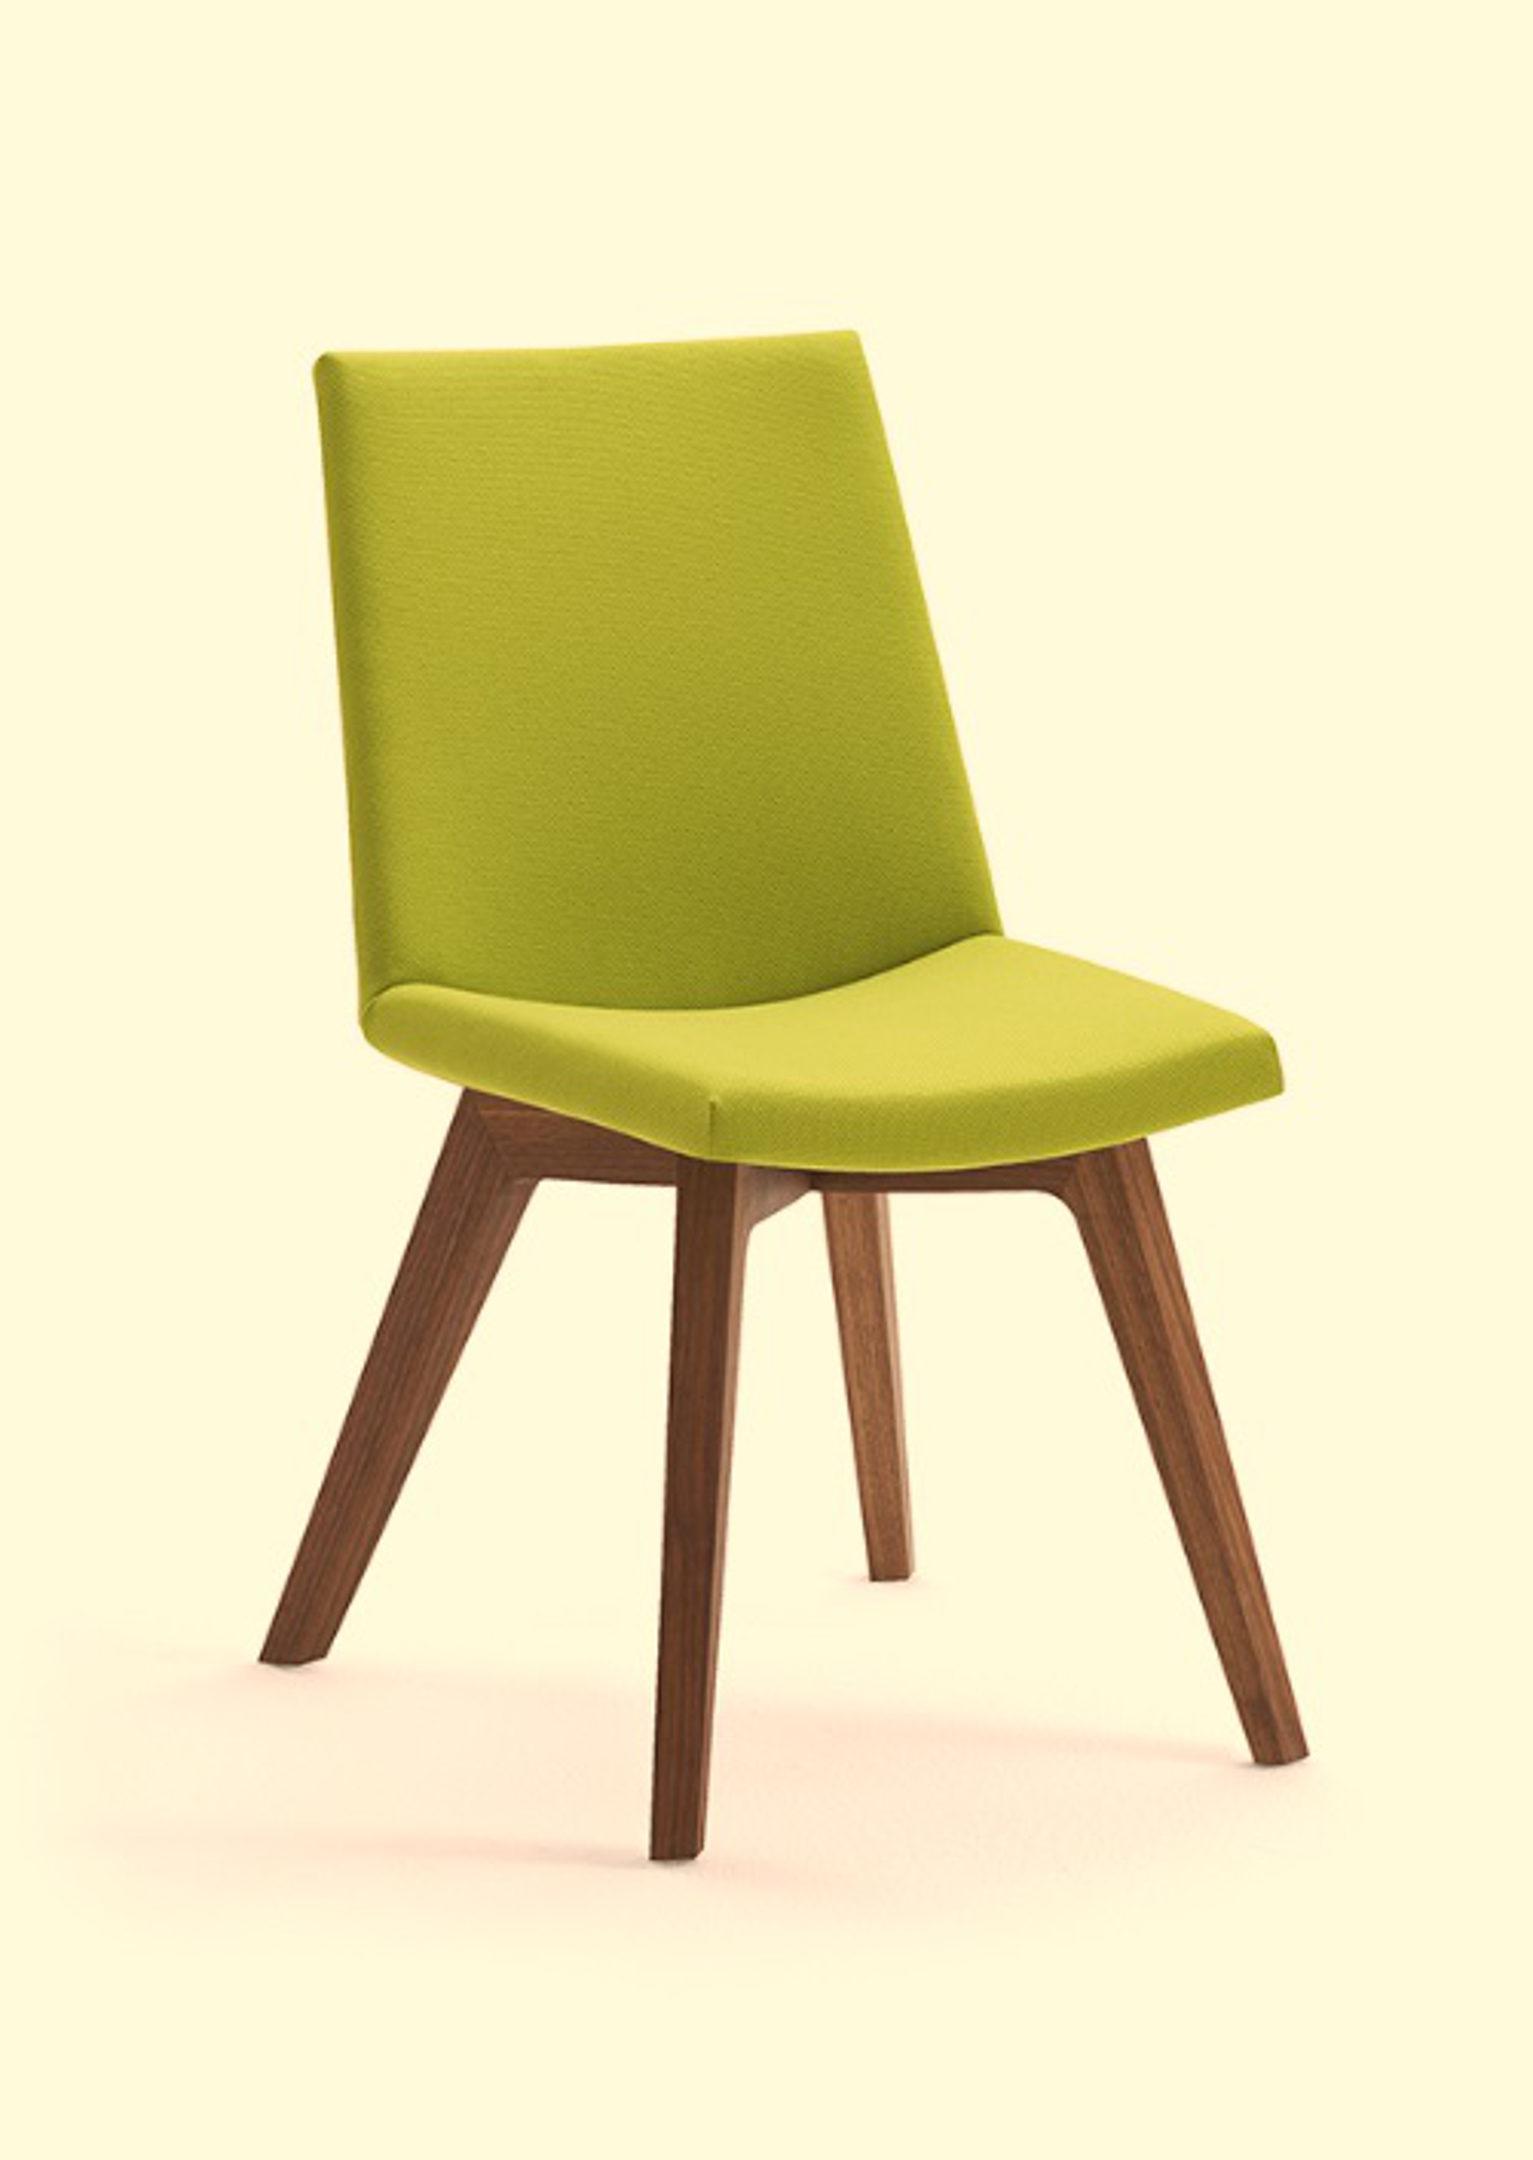 möbel hugelmann lahr   räume   esszimmer   stühle + bänke   stuhl, Wohnzimmer dekoo